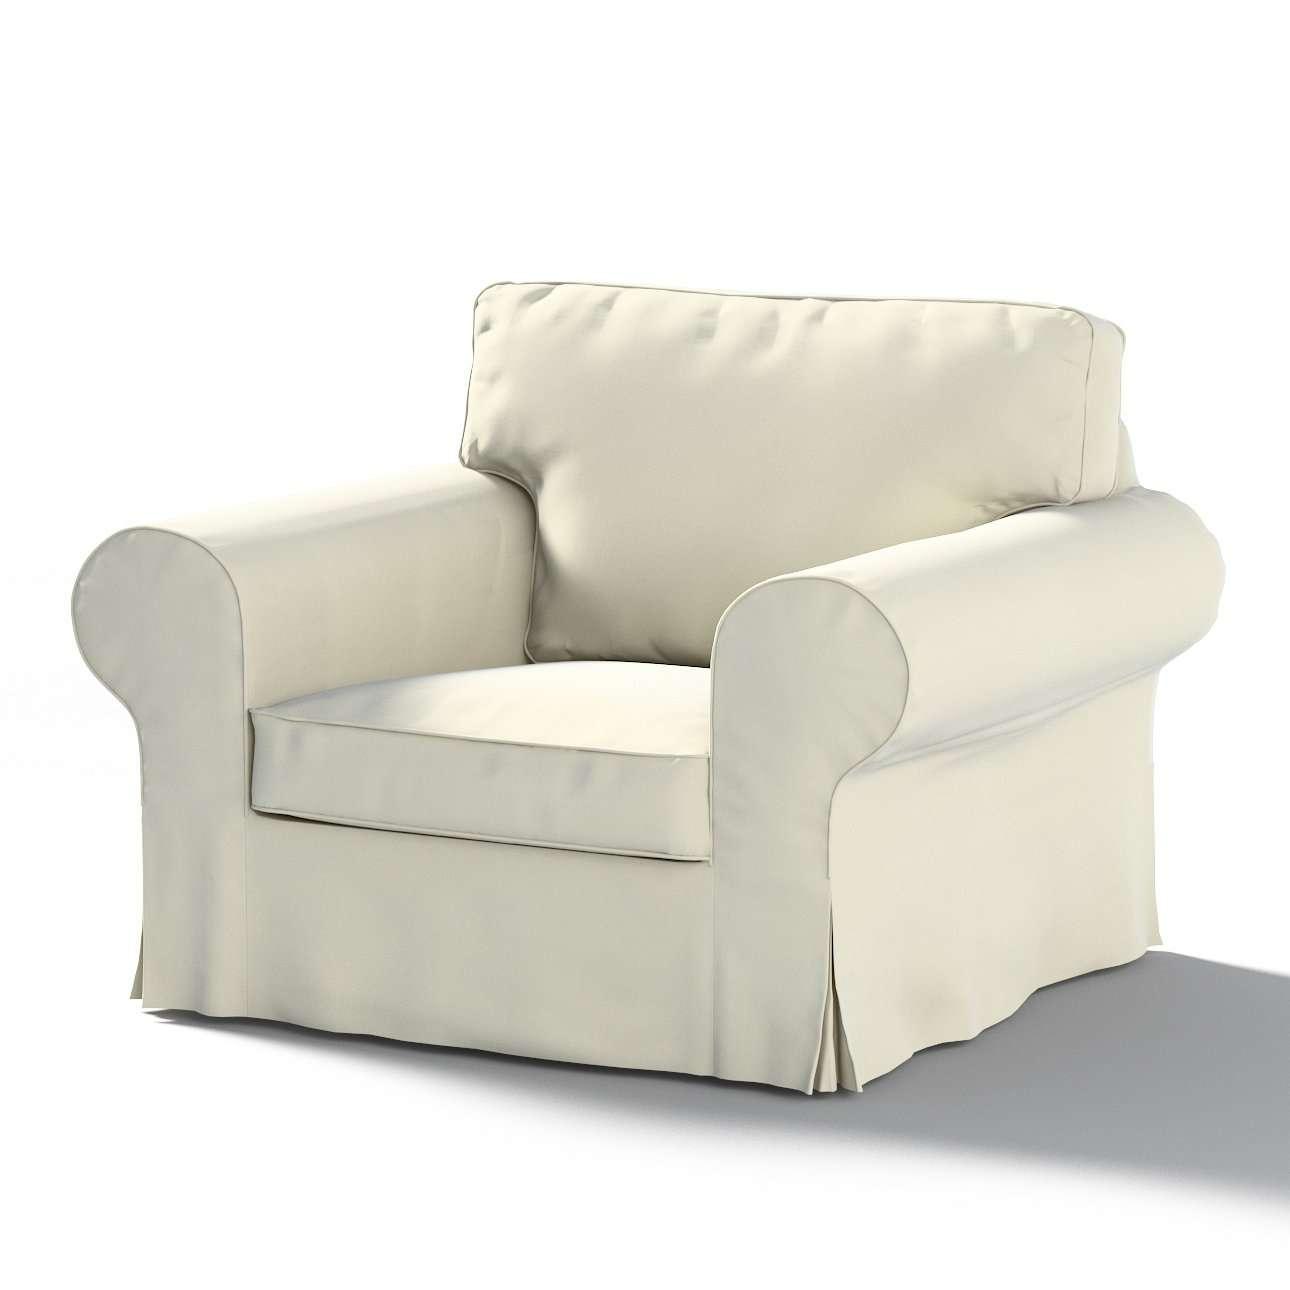 Pokrowiec na fotel Ektorp w kolekcji Velvet, tkanina: 704-10